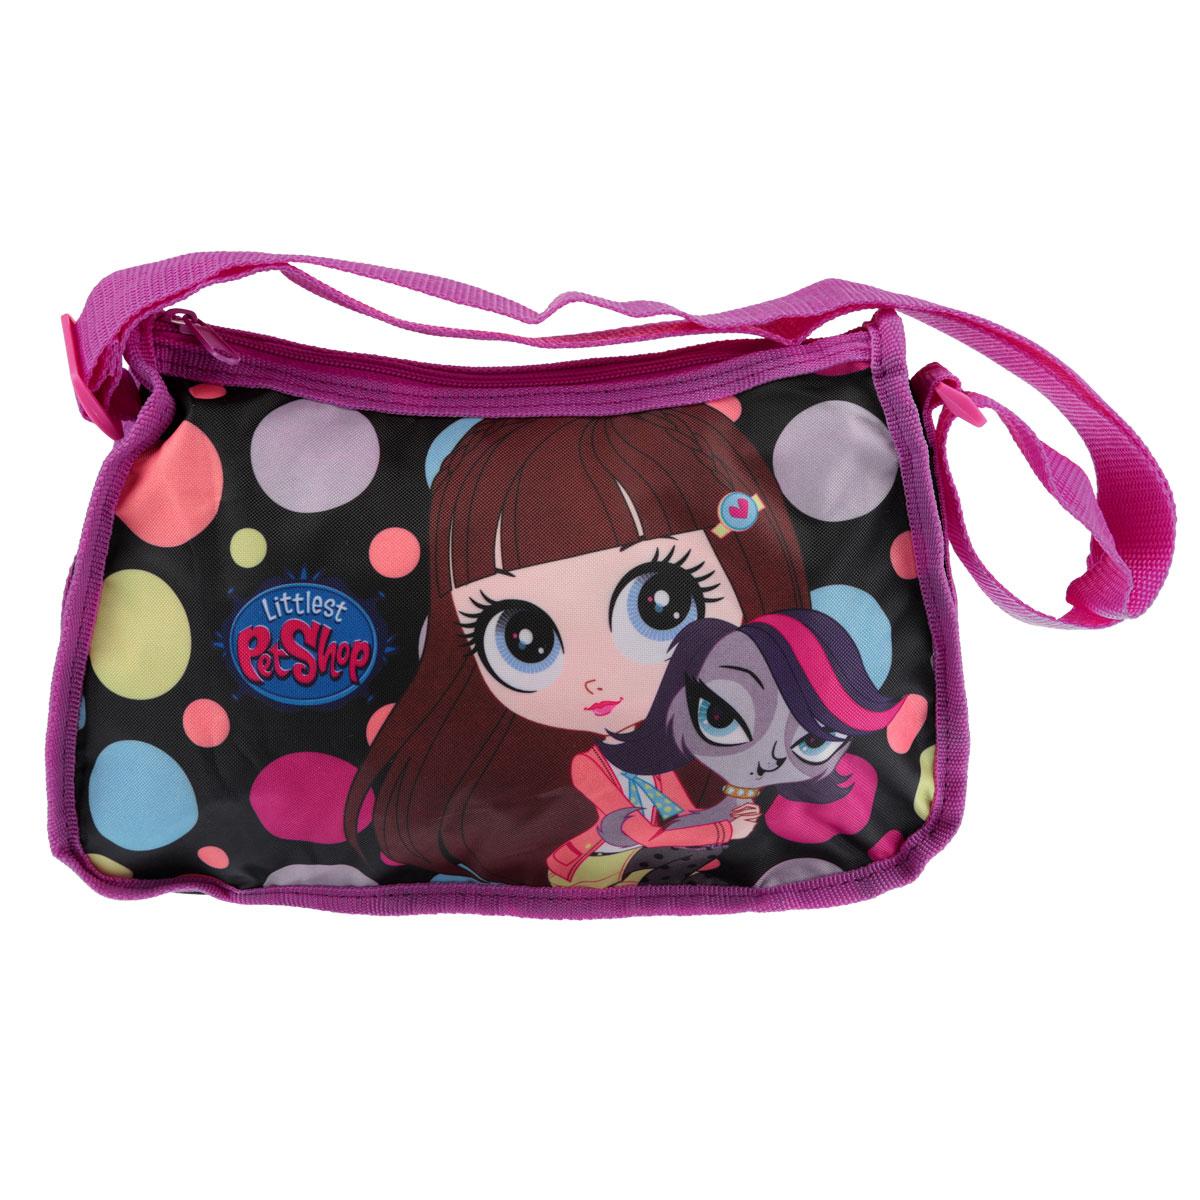 Сумочка детская Littlest Pet Shop, цвет: розовый, черный школьный ранец kinderline international littlest pet shop lpbb ut1 836